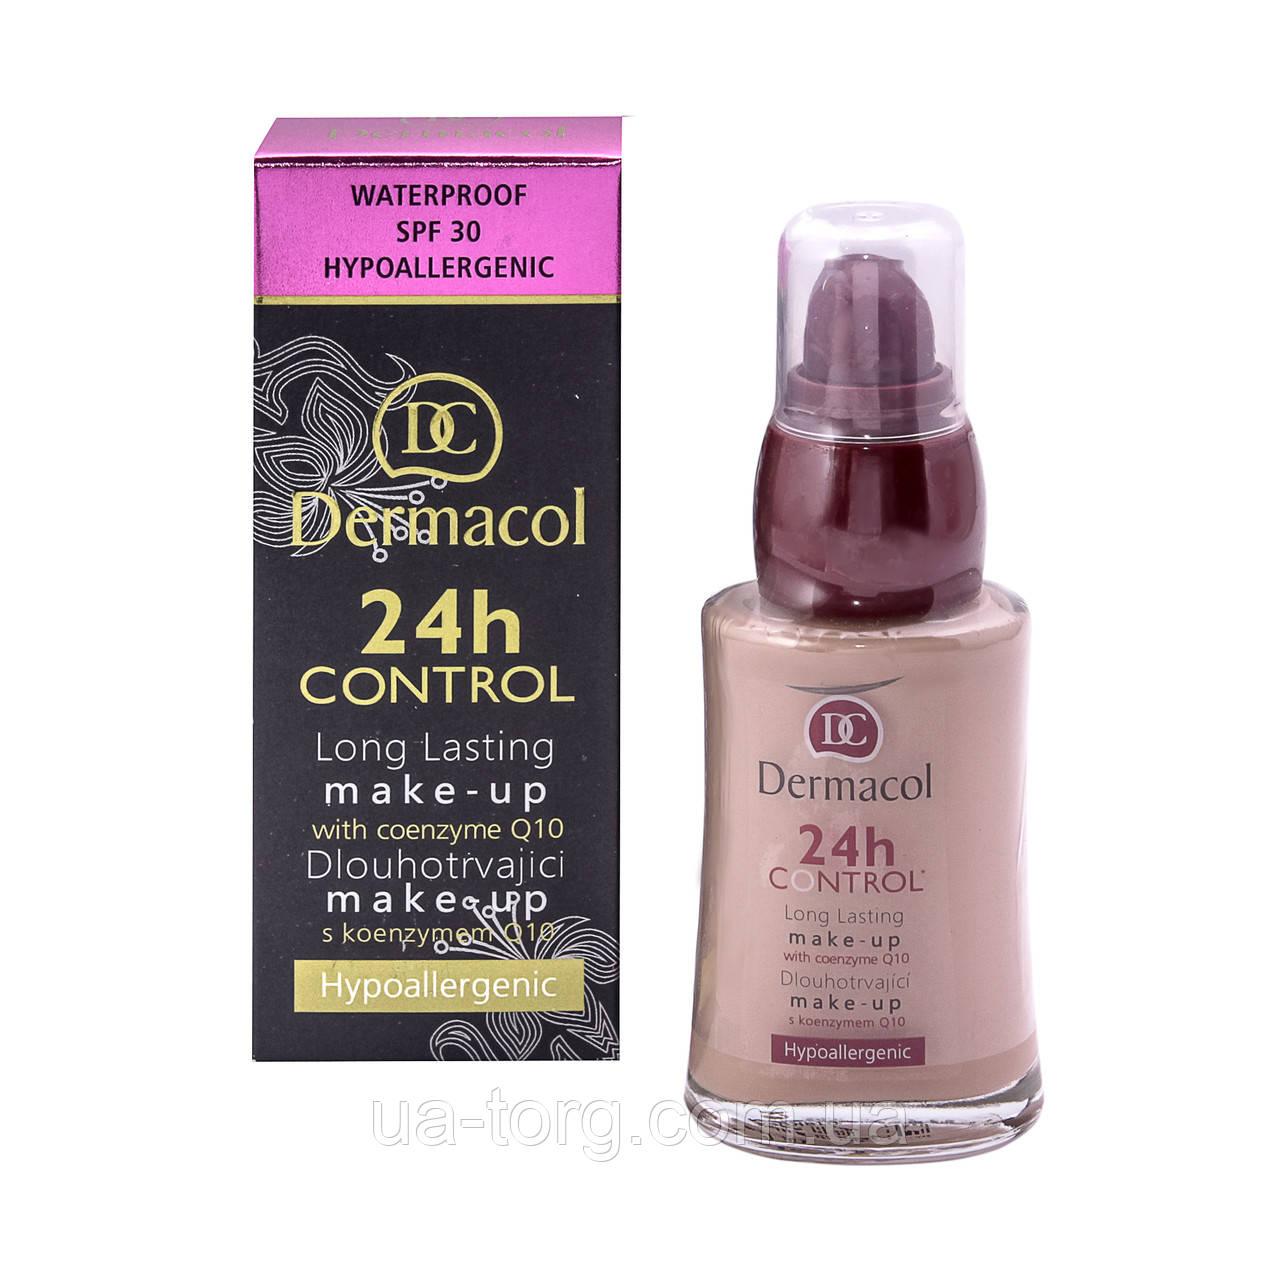 0d442051a Тональный крем Dermacol 24h Control Make-Up, цена 43,44 грн., купить ...